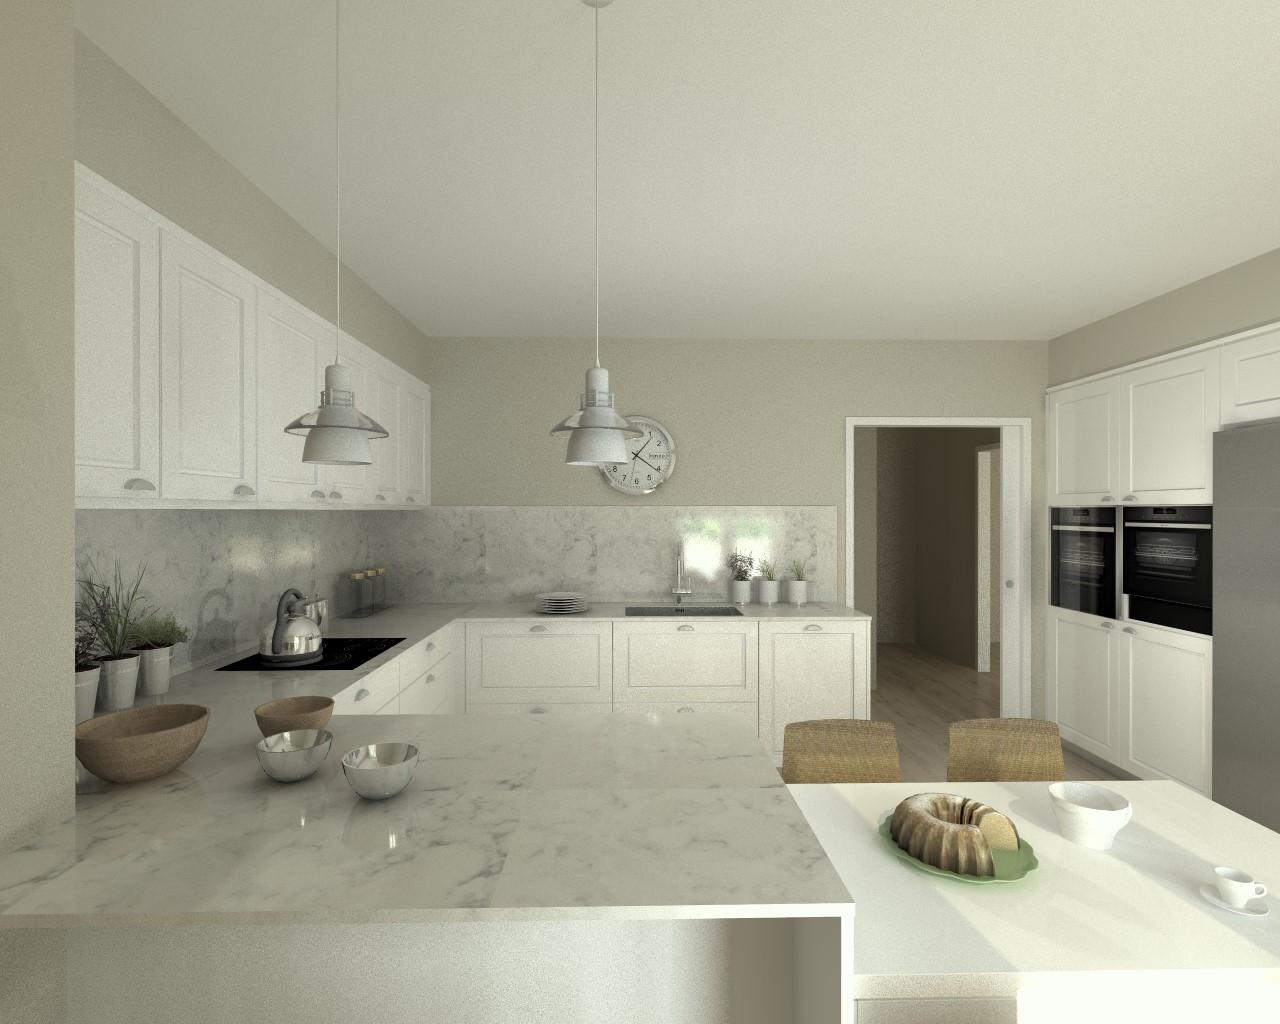 Aravaca cocina santos modelo epoca laca seda blanca encimera silestone lagoon docrys cocinas - Cocinas blancas con silestone ...